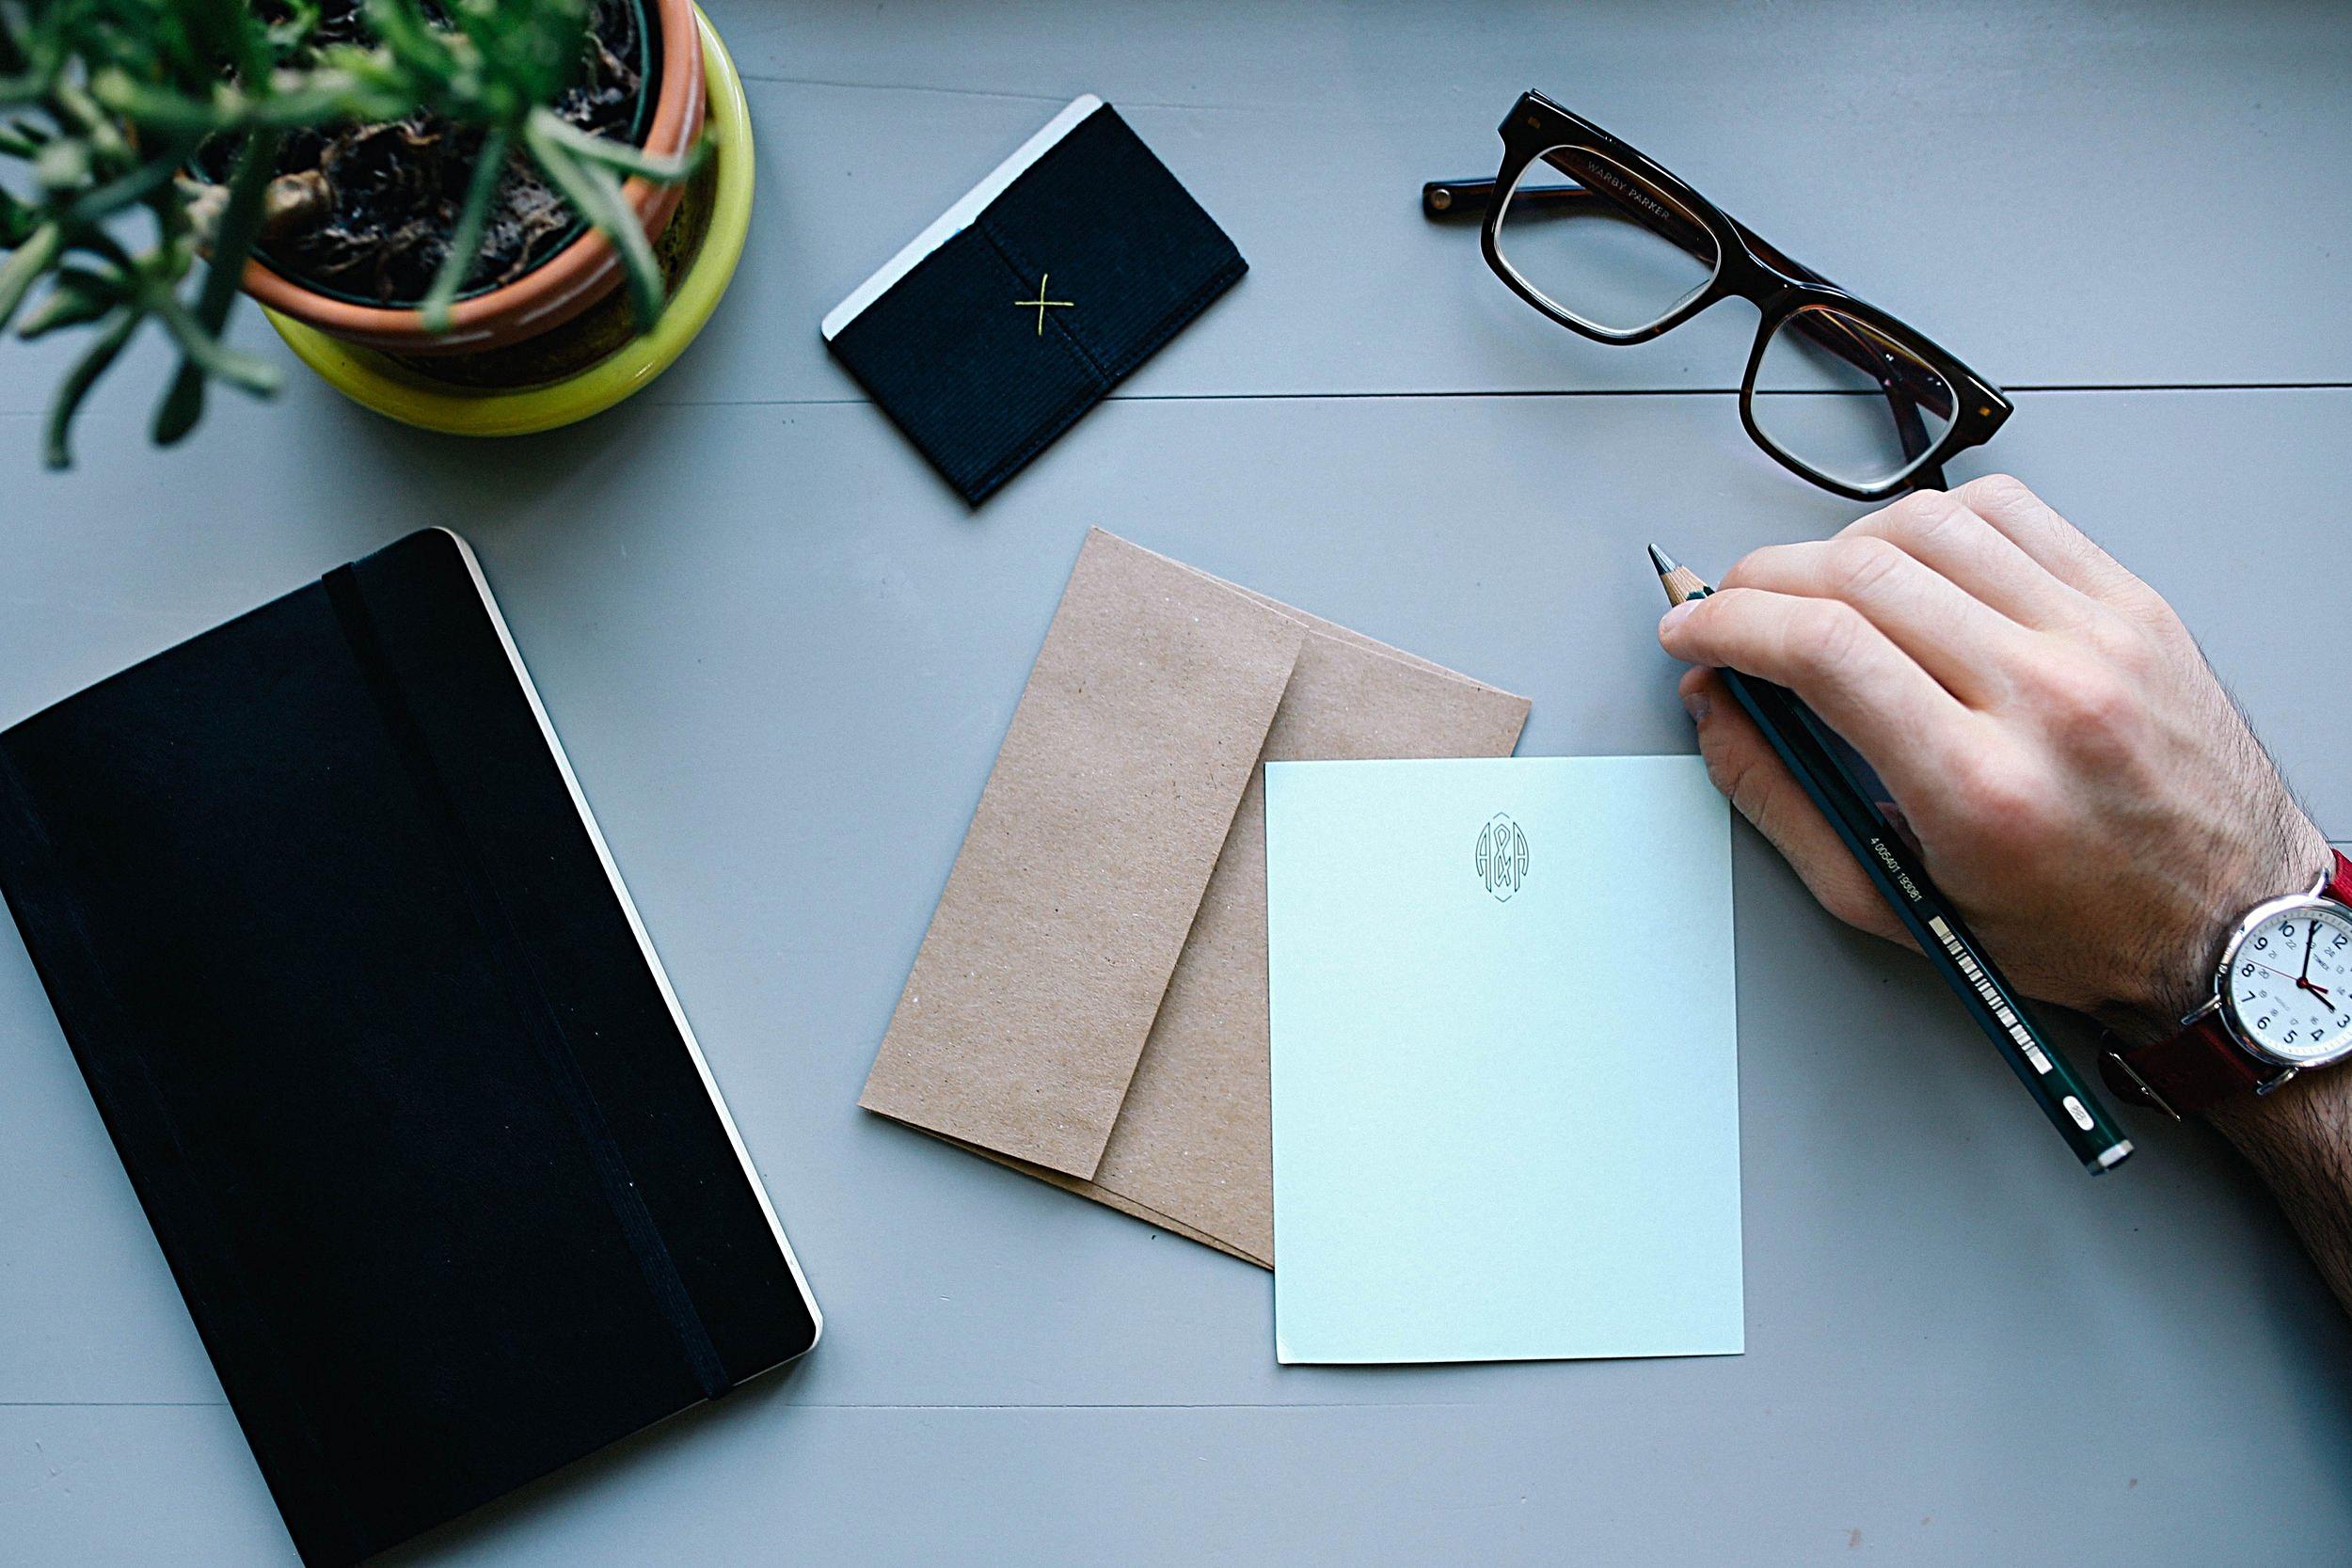 Pentagon Studio - Lowell Ma - Graphic Design - Website - Checklist